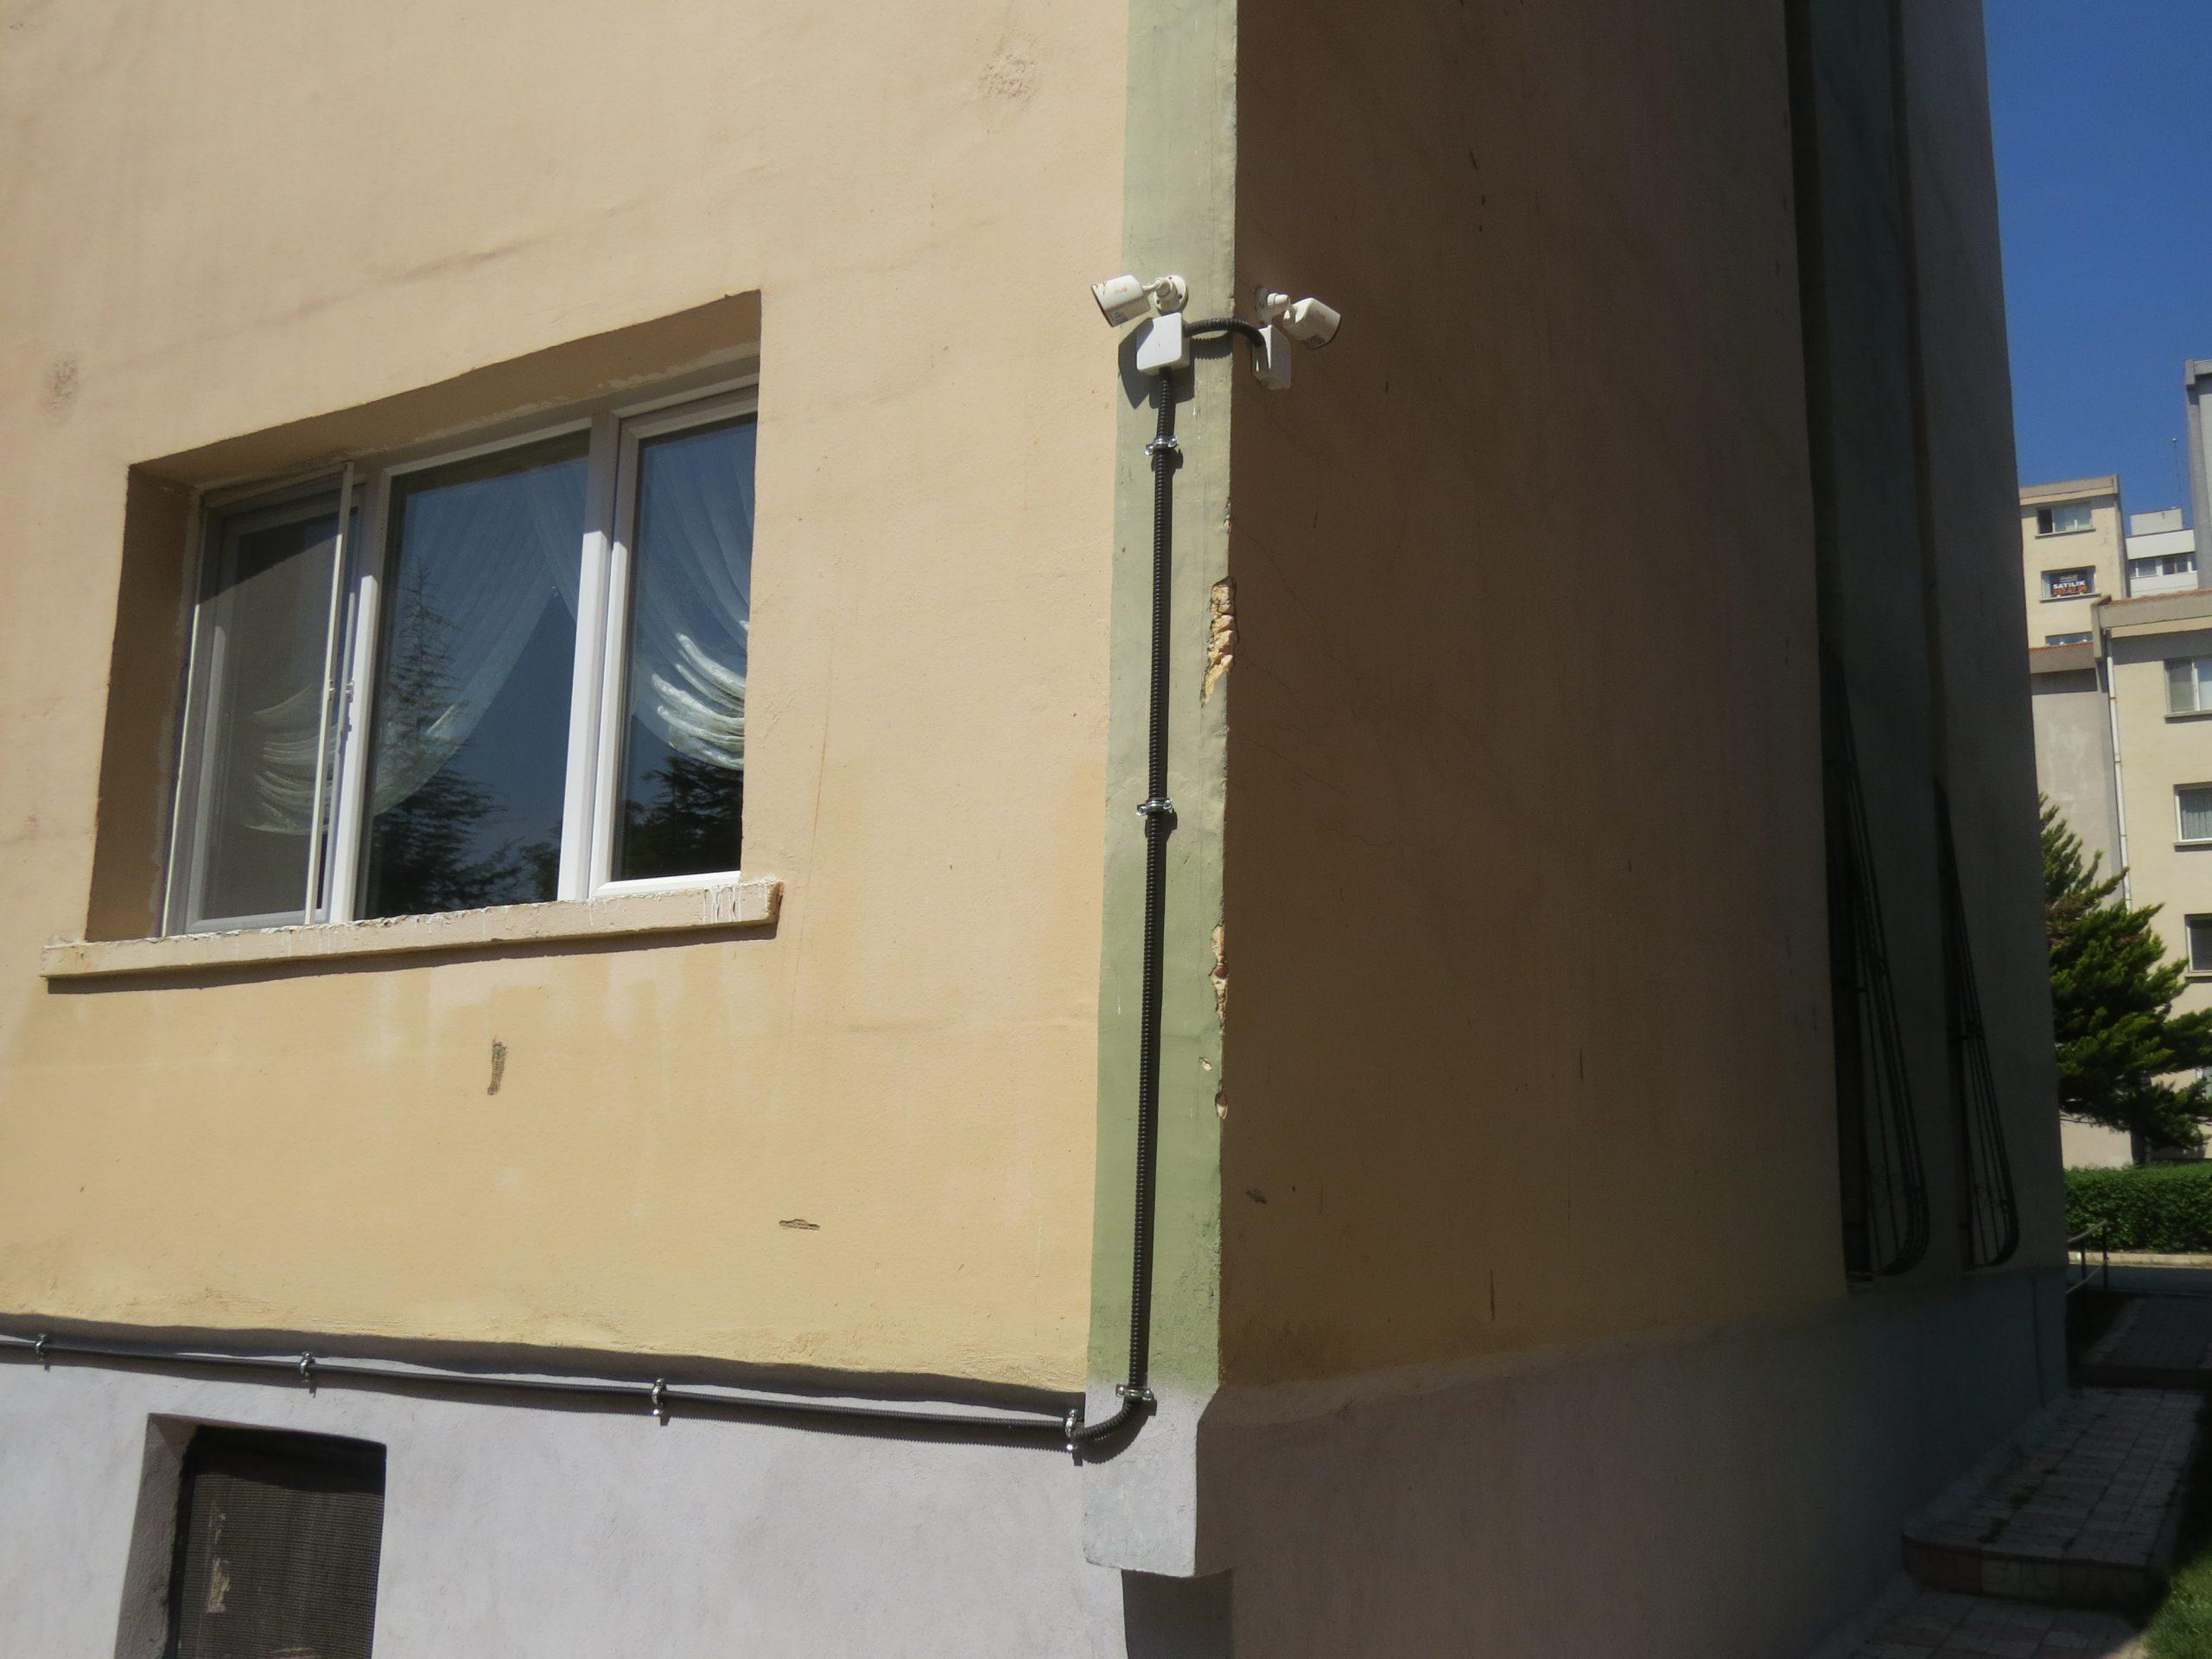 Bina Çevresi Güvenlik Kamerası IMG 5098 scaled